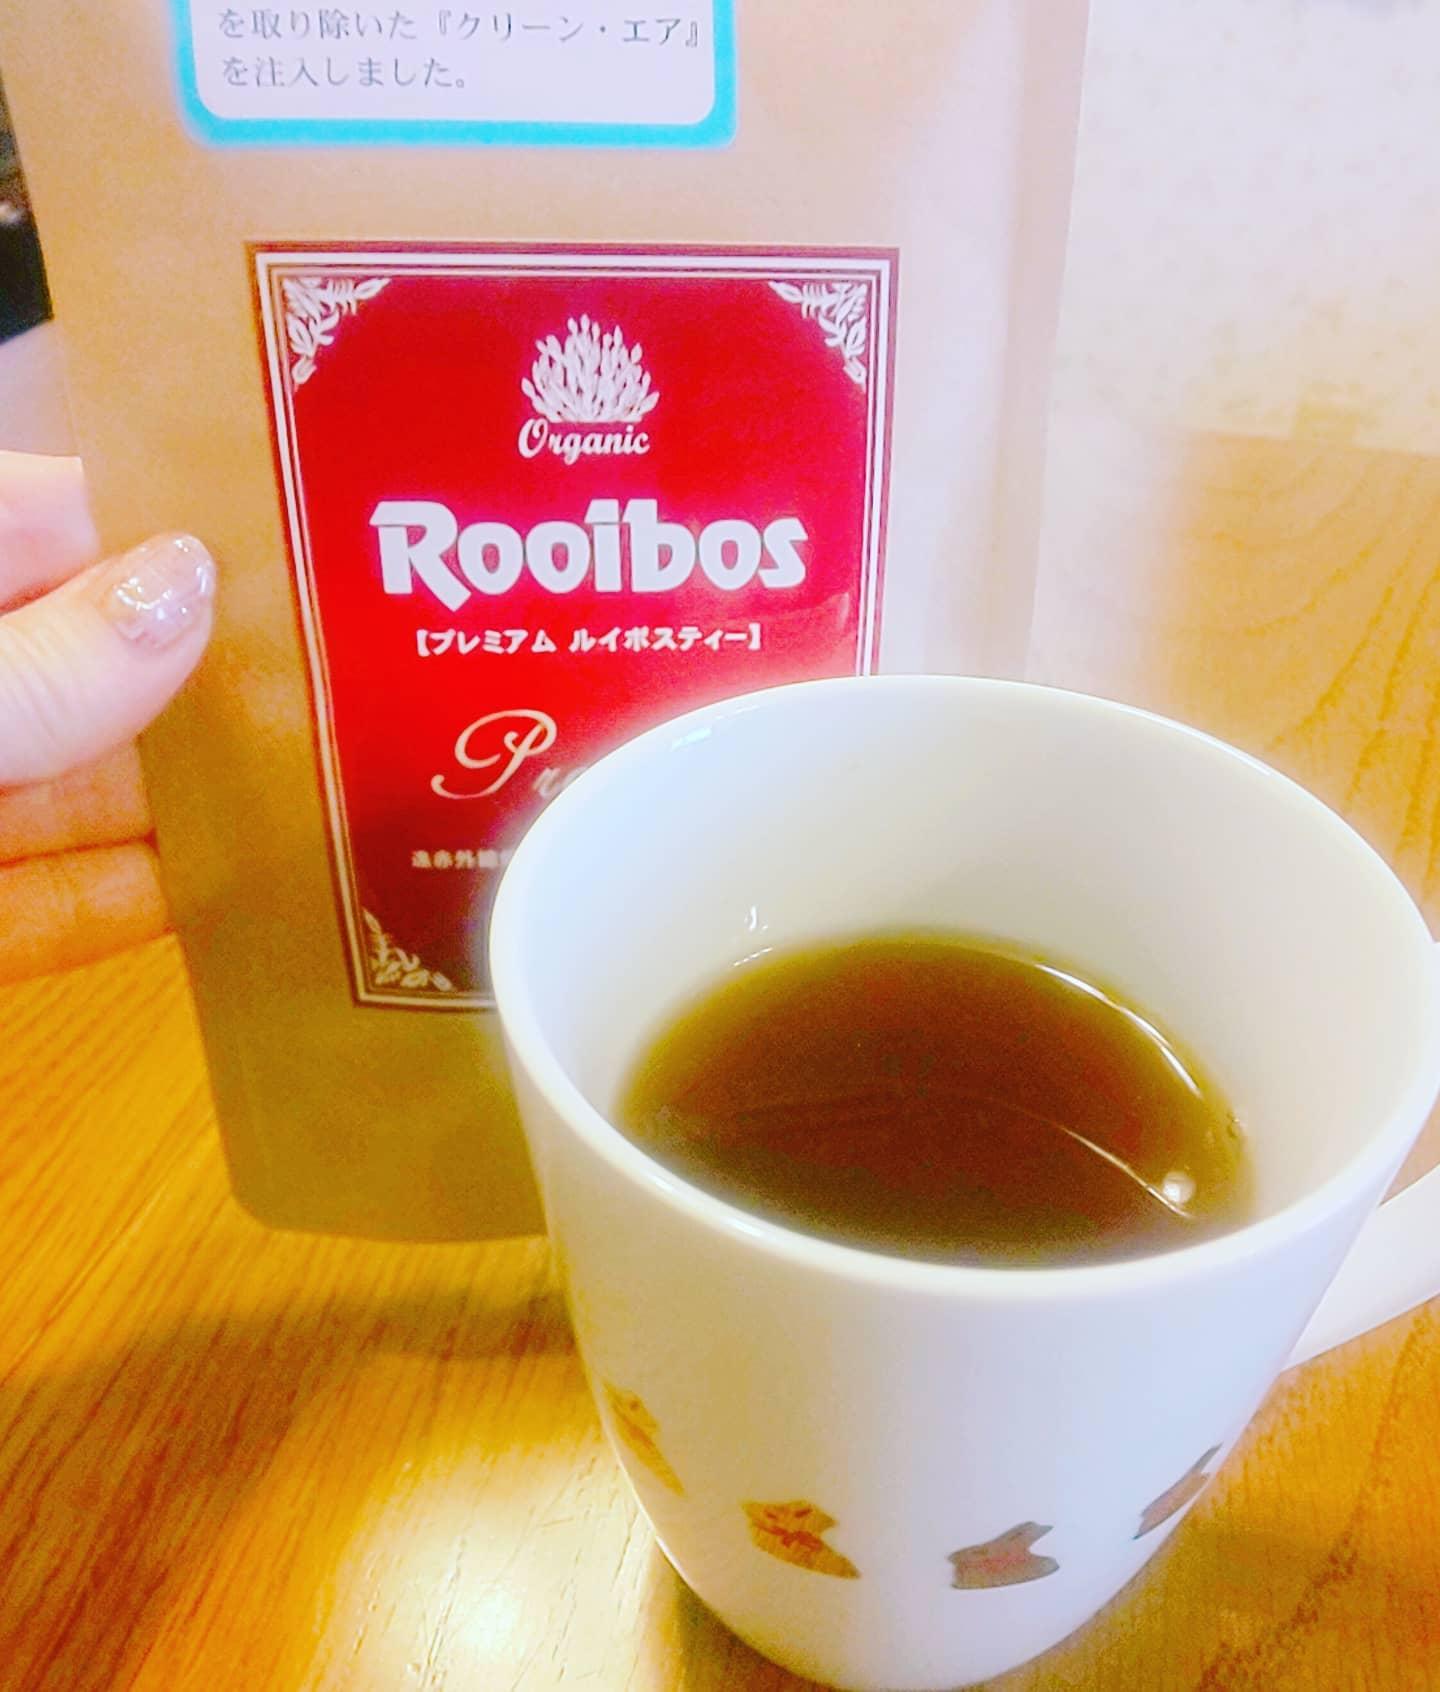 口コミ投稿:#タイガールイボスティー  #ルイボスティー#発酵  独特の芳醇な香りで  #癒されるこ…